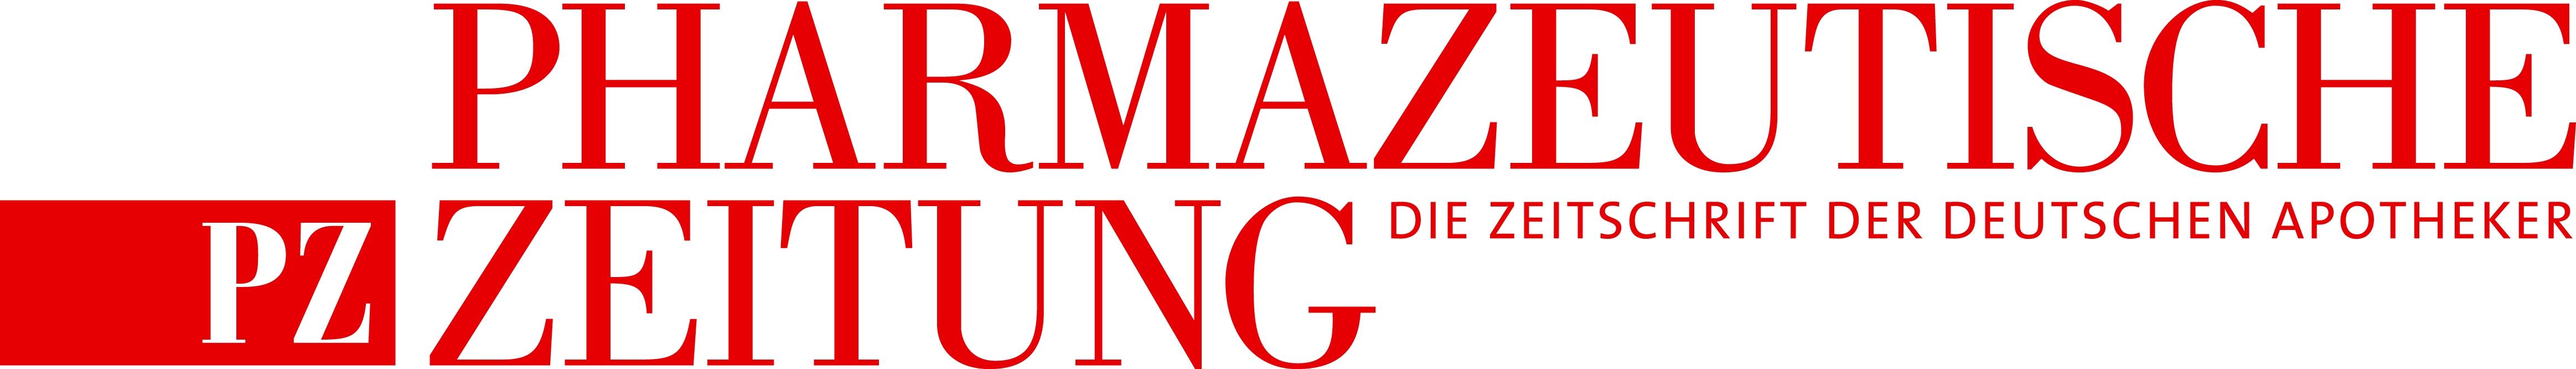 Pharmazeutische Zeitung logo